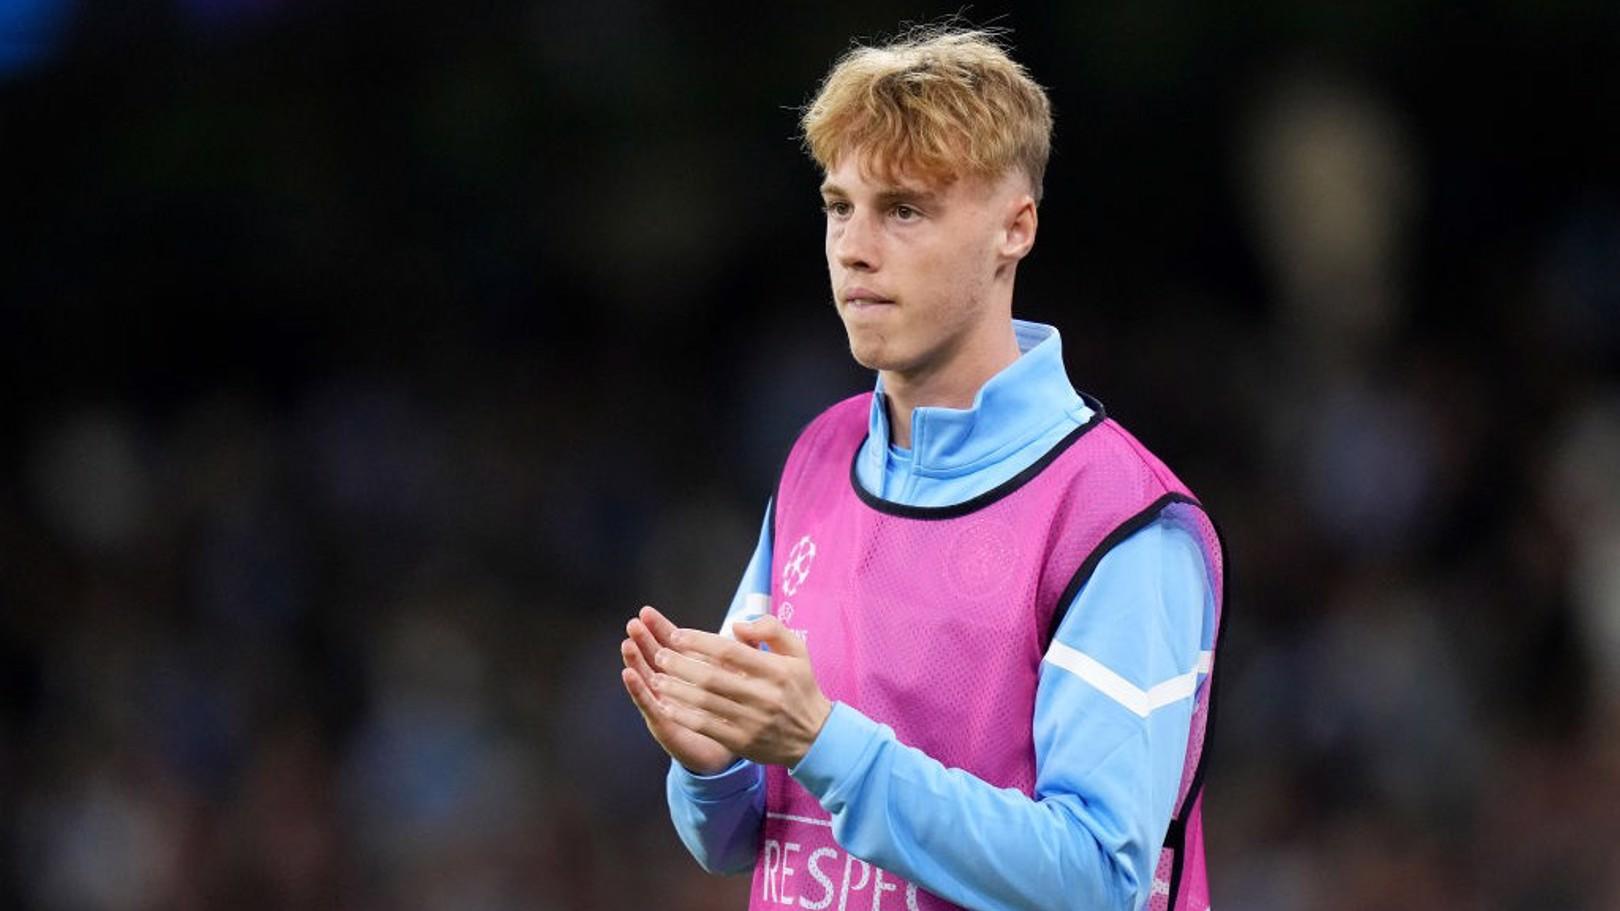 잉글랜드 21세이하팀의 승리를 이끈 어린 City 선수들